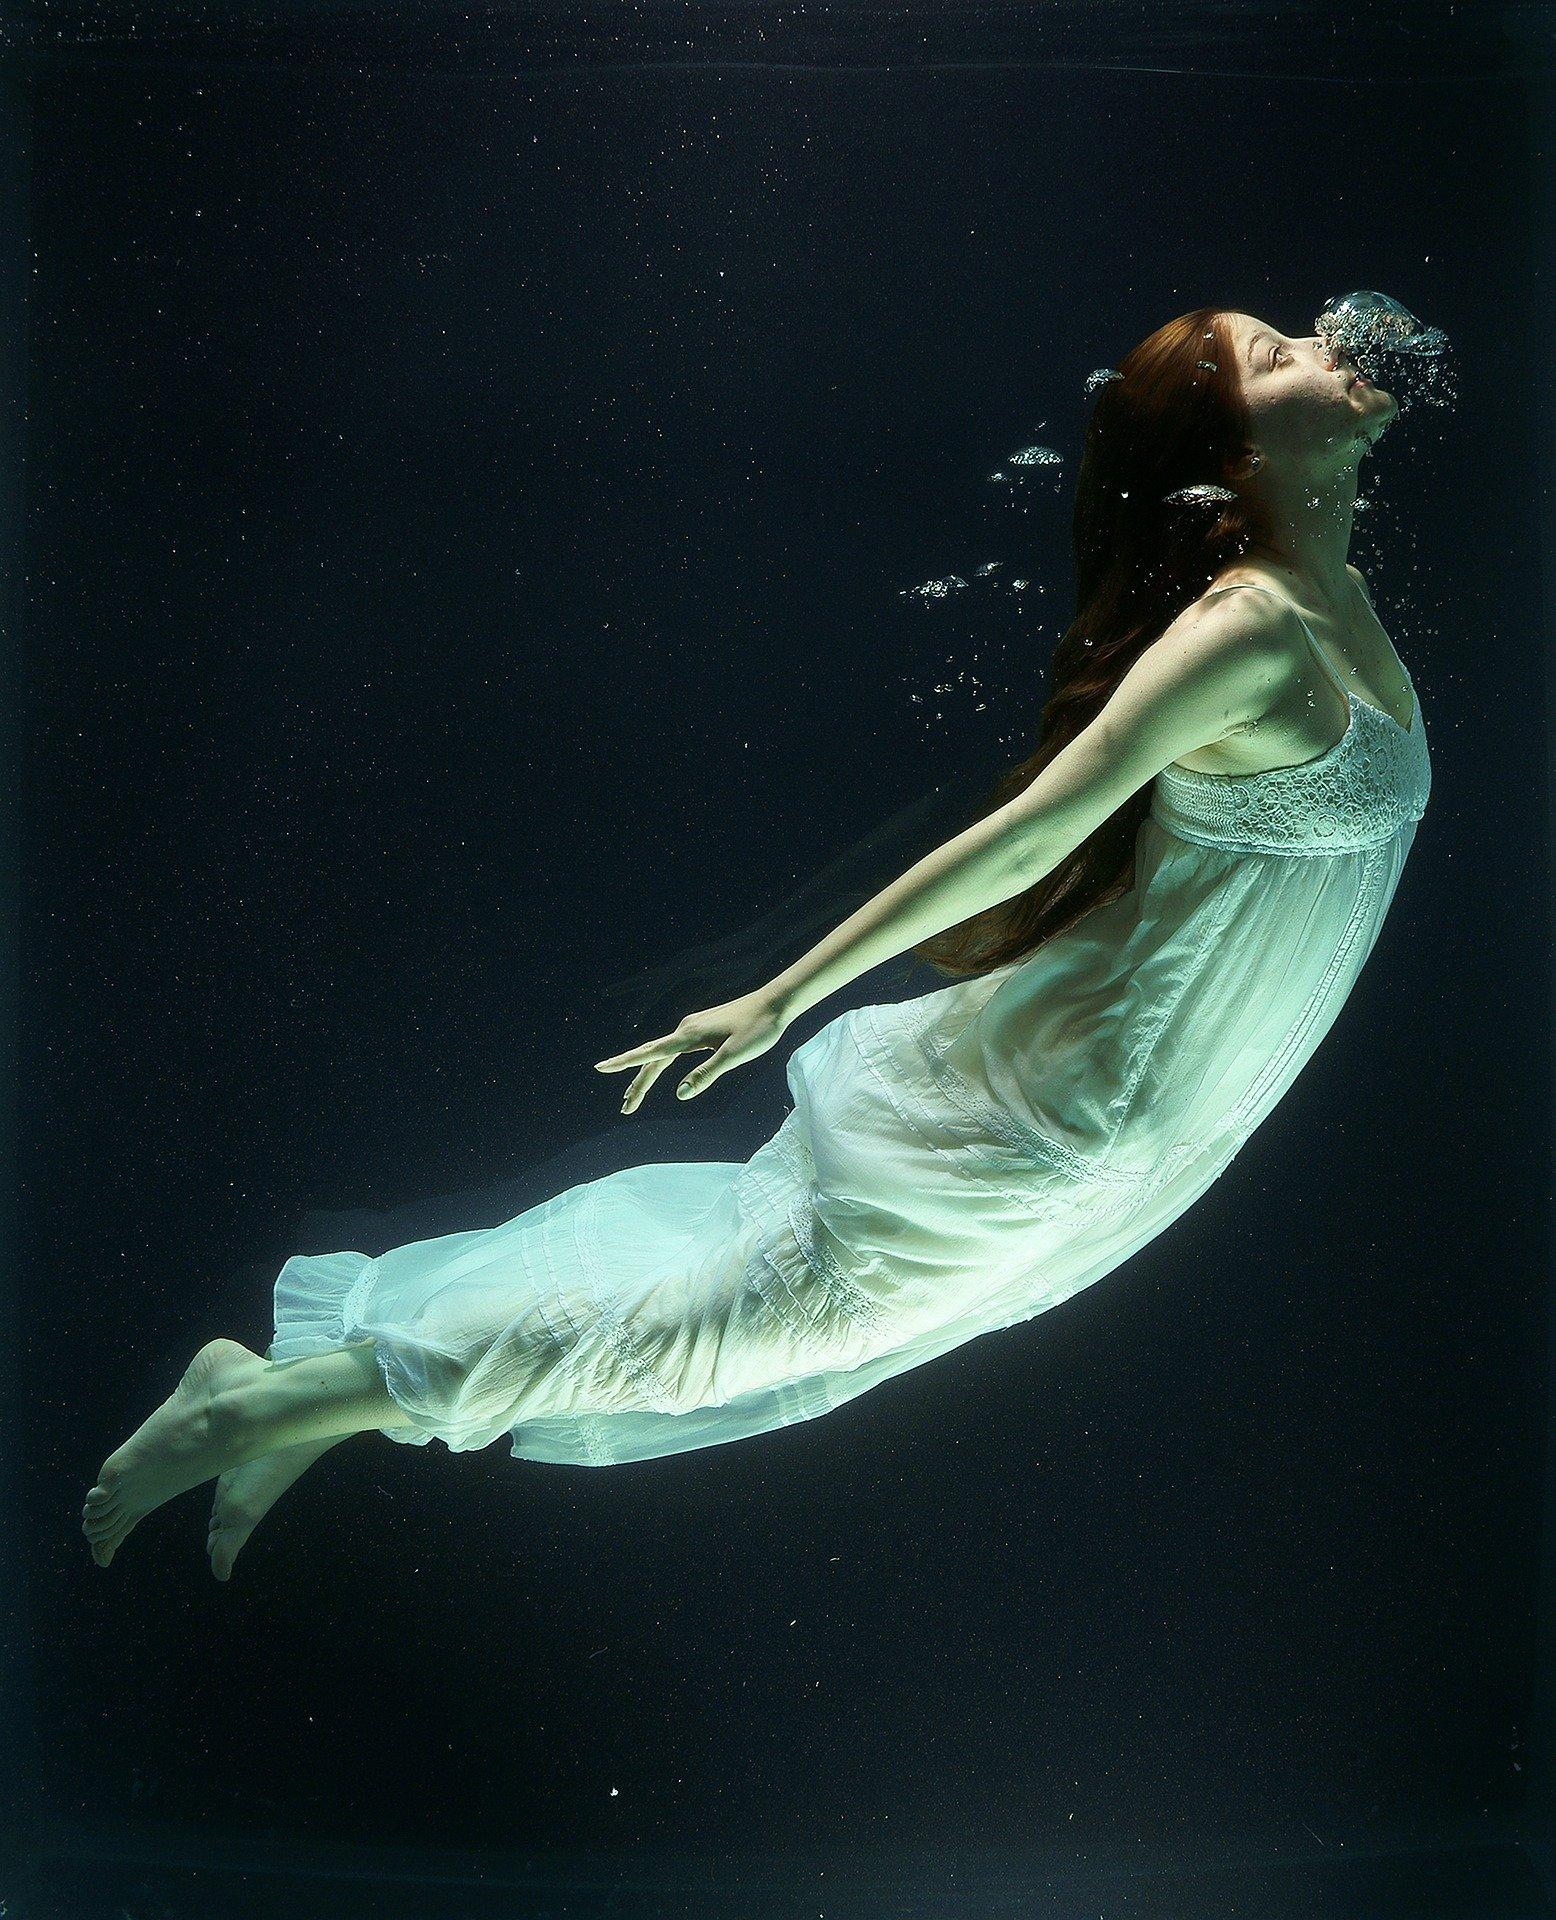 under-water-1819586_1920.jpg